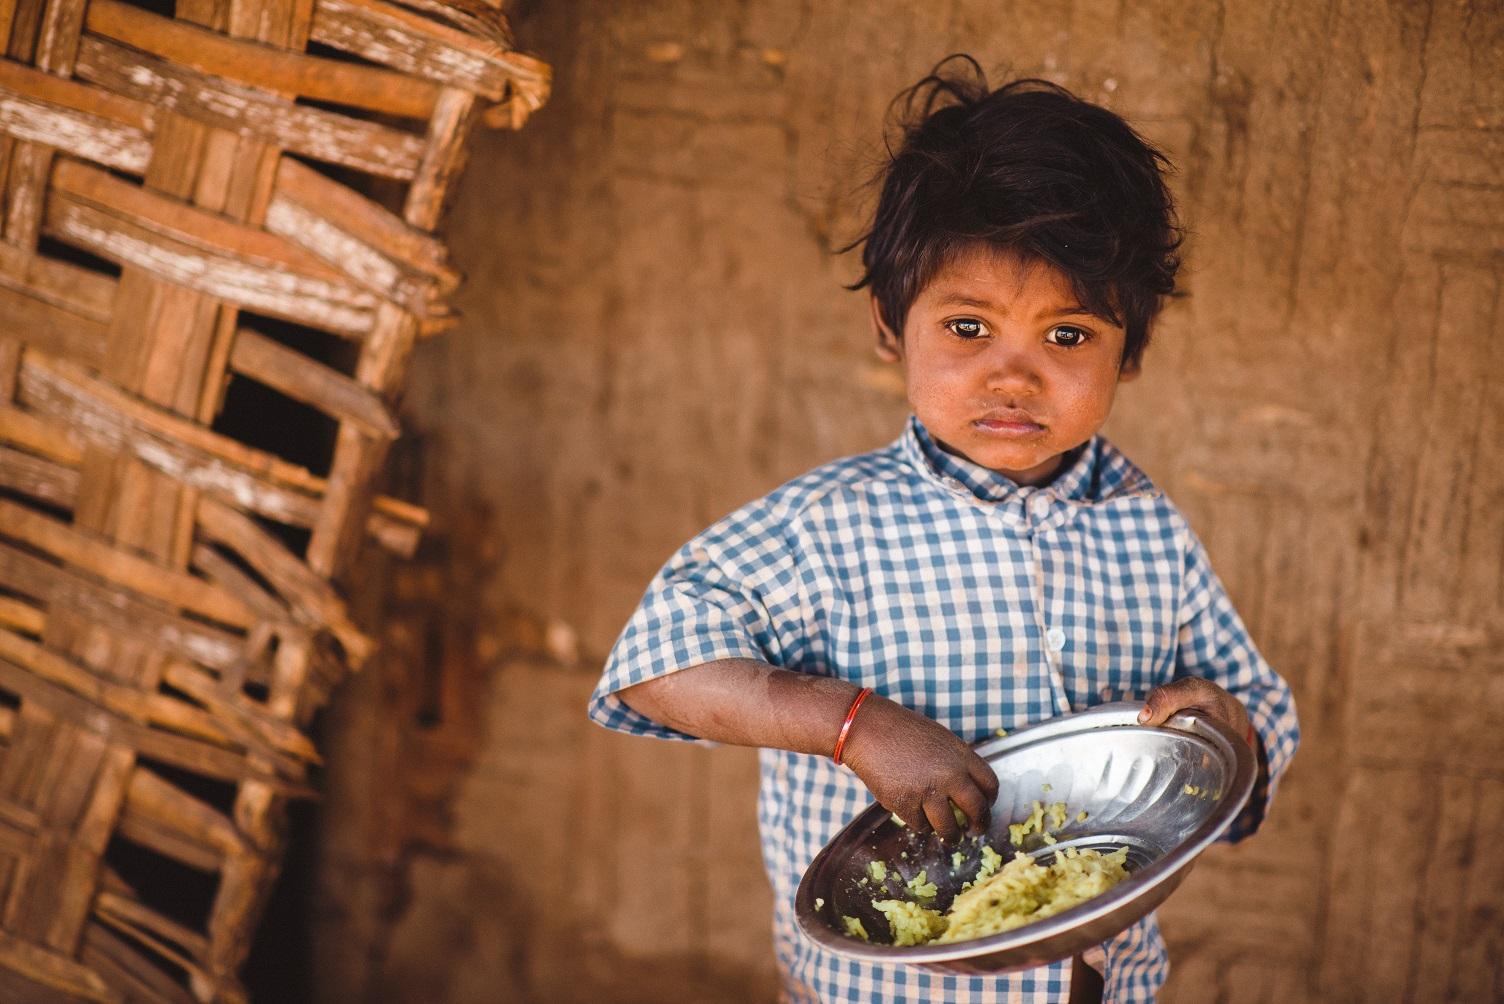 Child eating.jpg